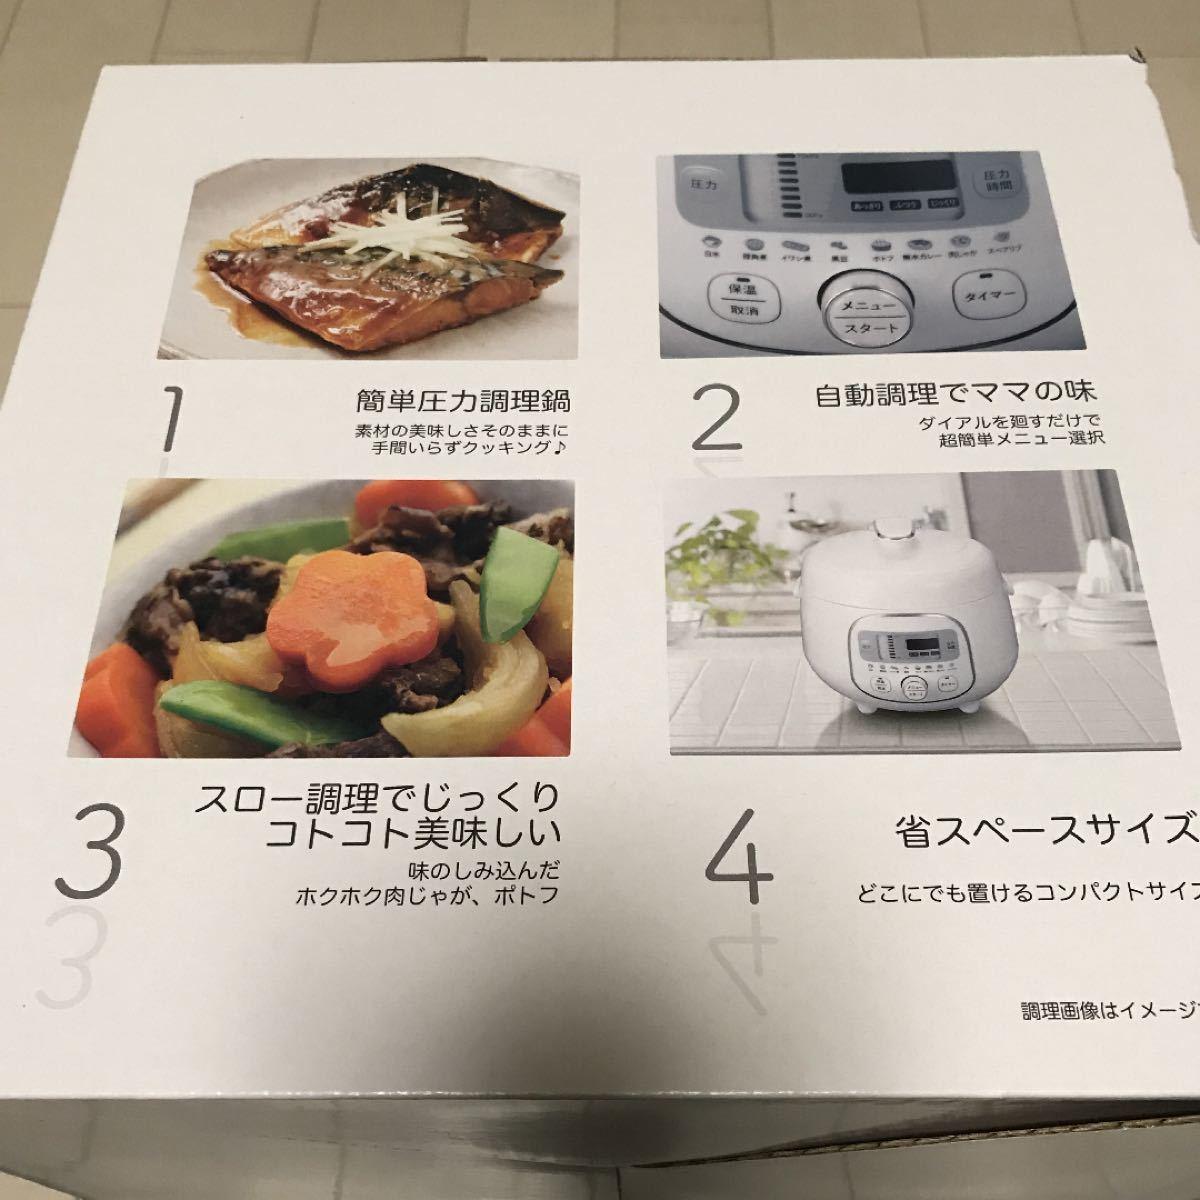 電気圧力鍋 電気圧力調理鍋 炊飯器 圧力鍋 鍋 調理鍋 ヒロ・コーポレーション